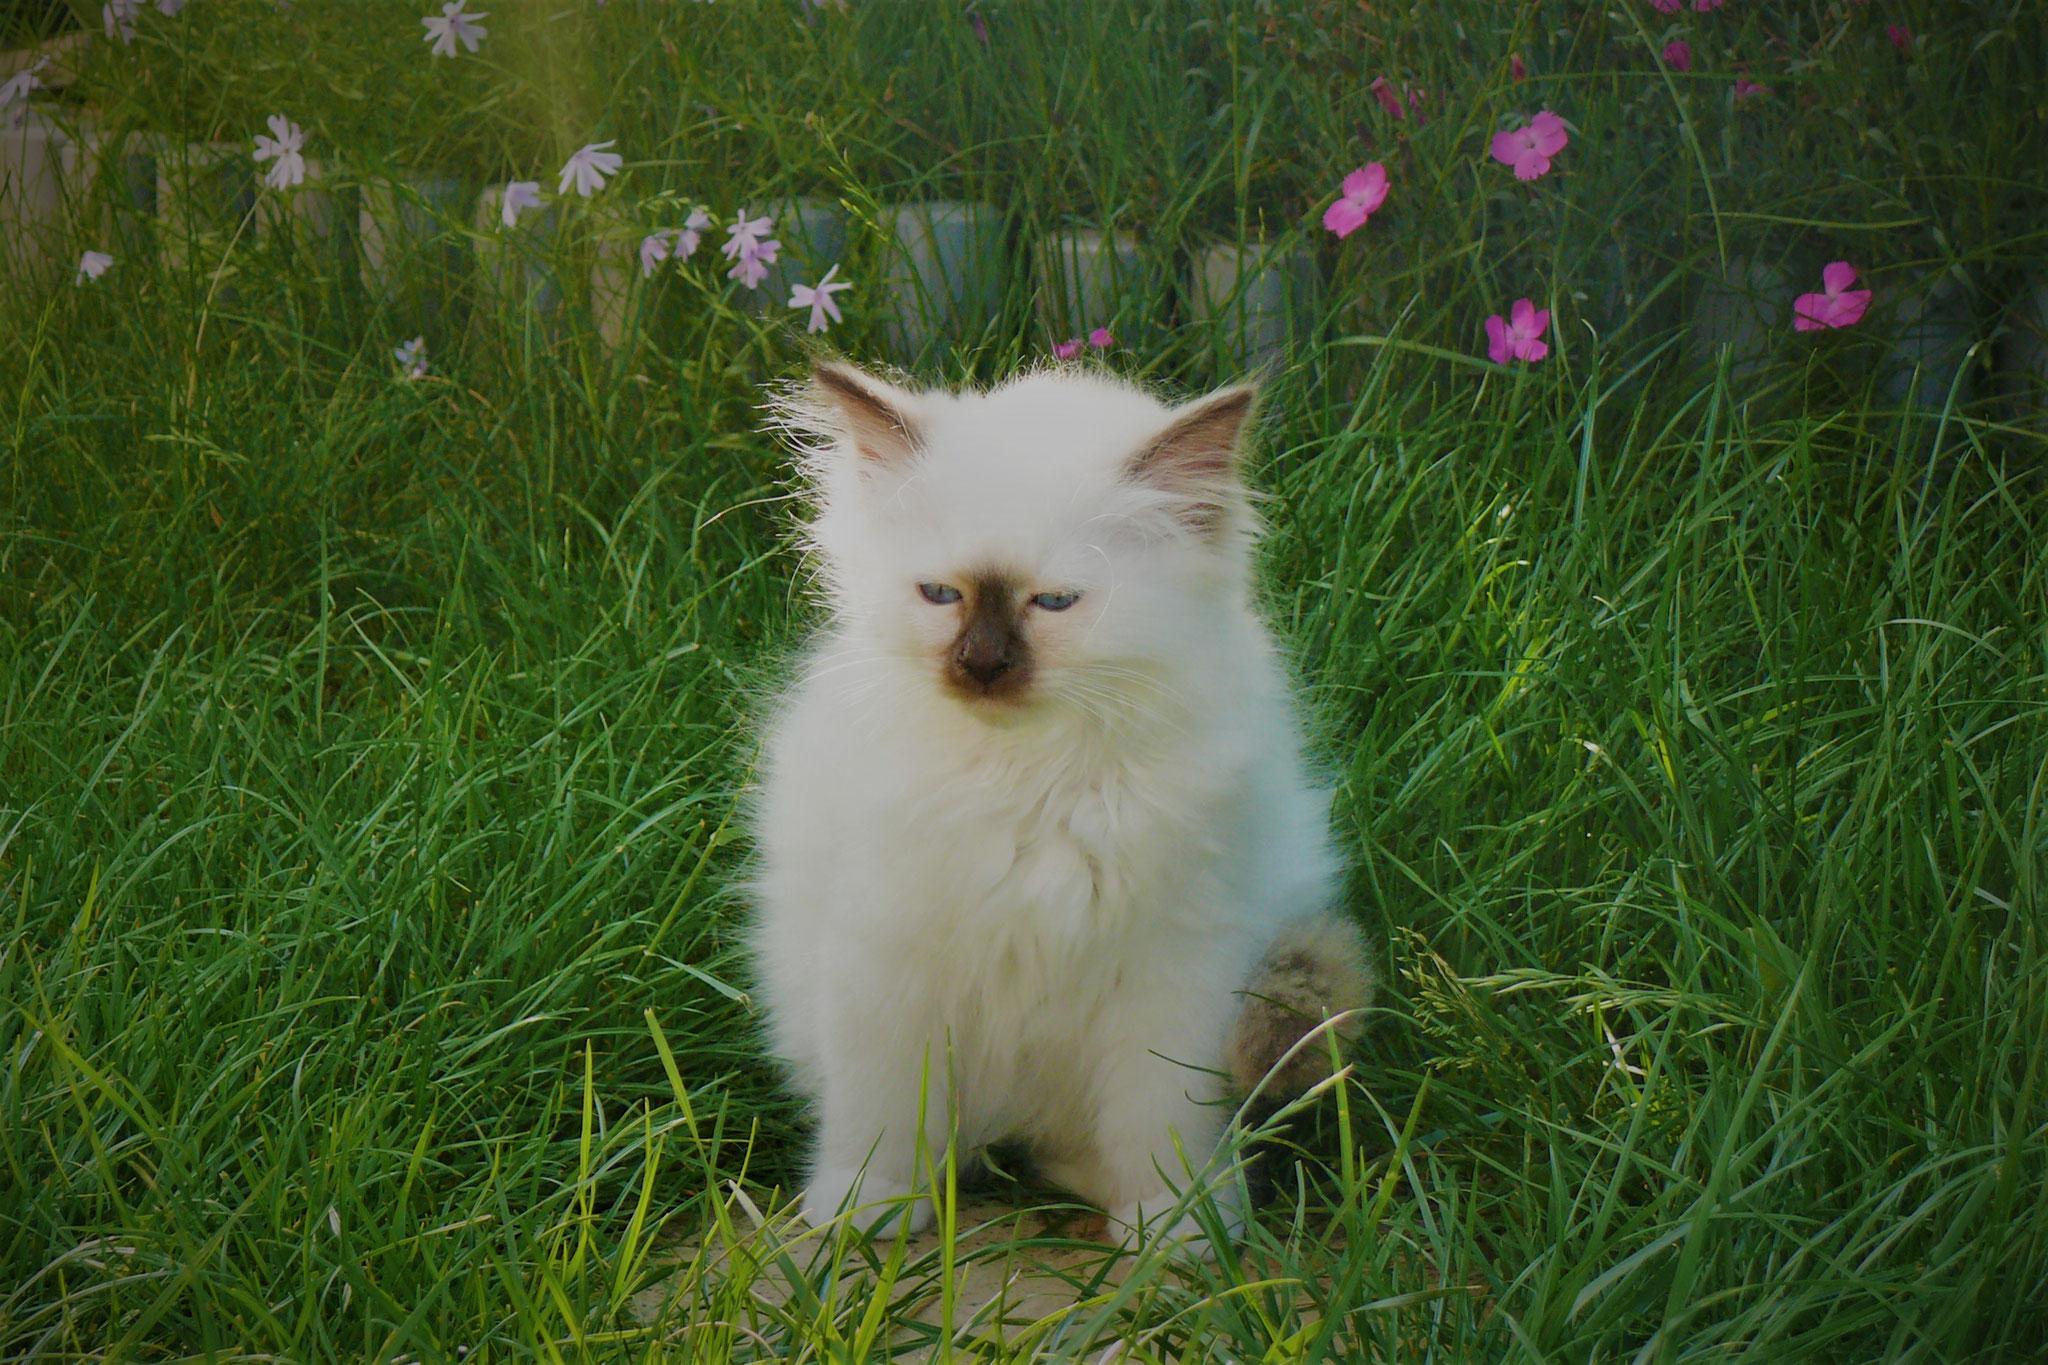 Chérie von der Mondblume, 11,5 Wochen alt, 925 g